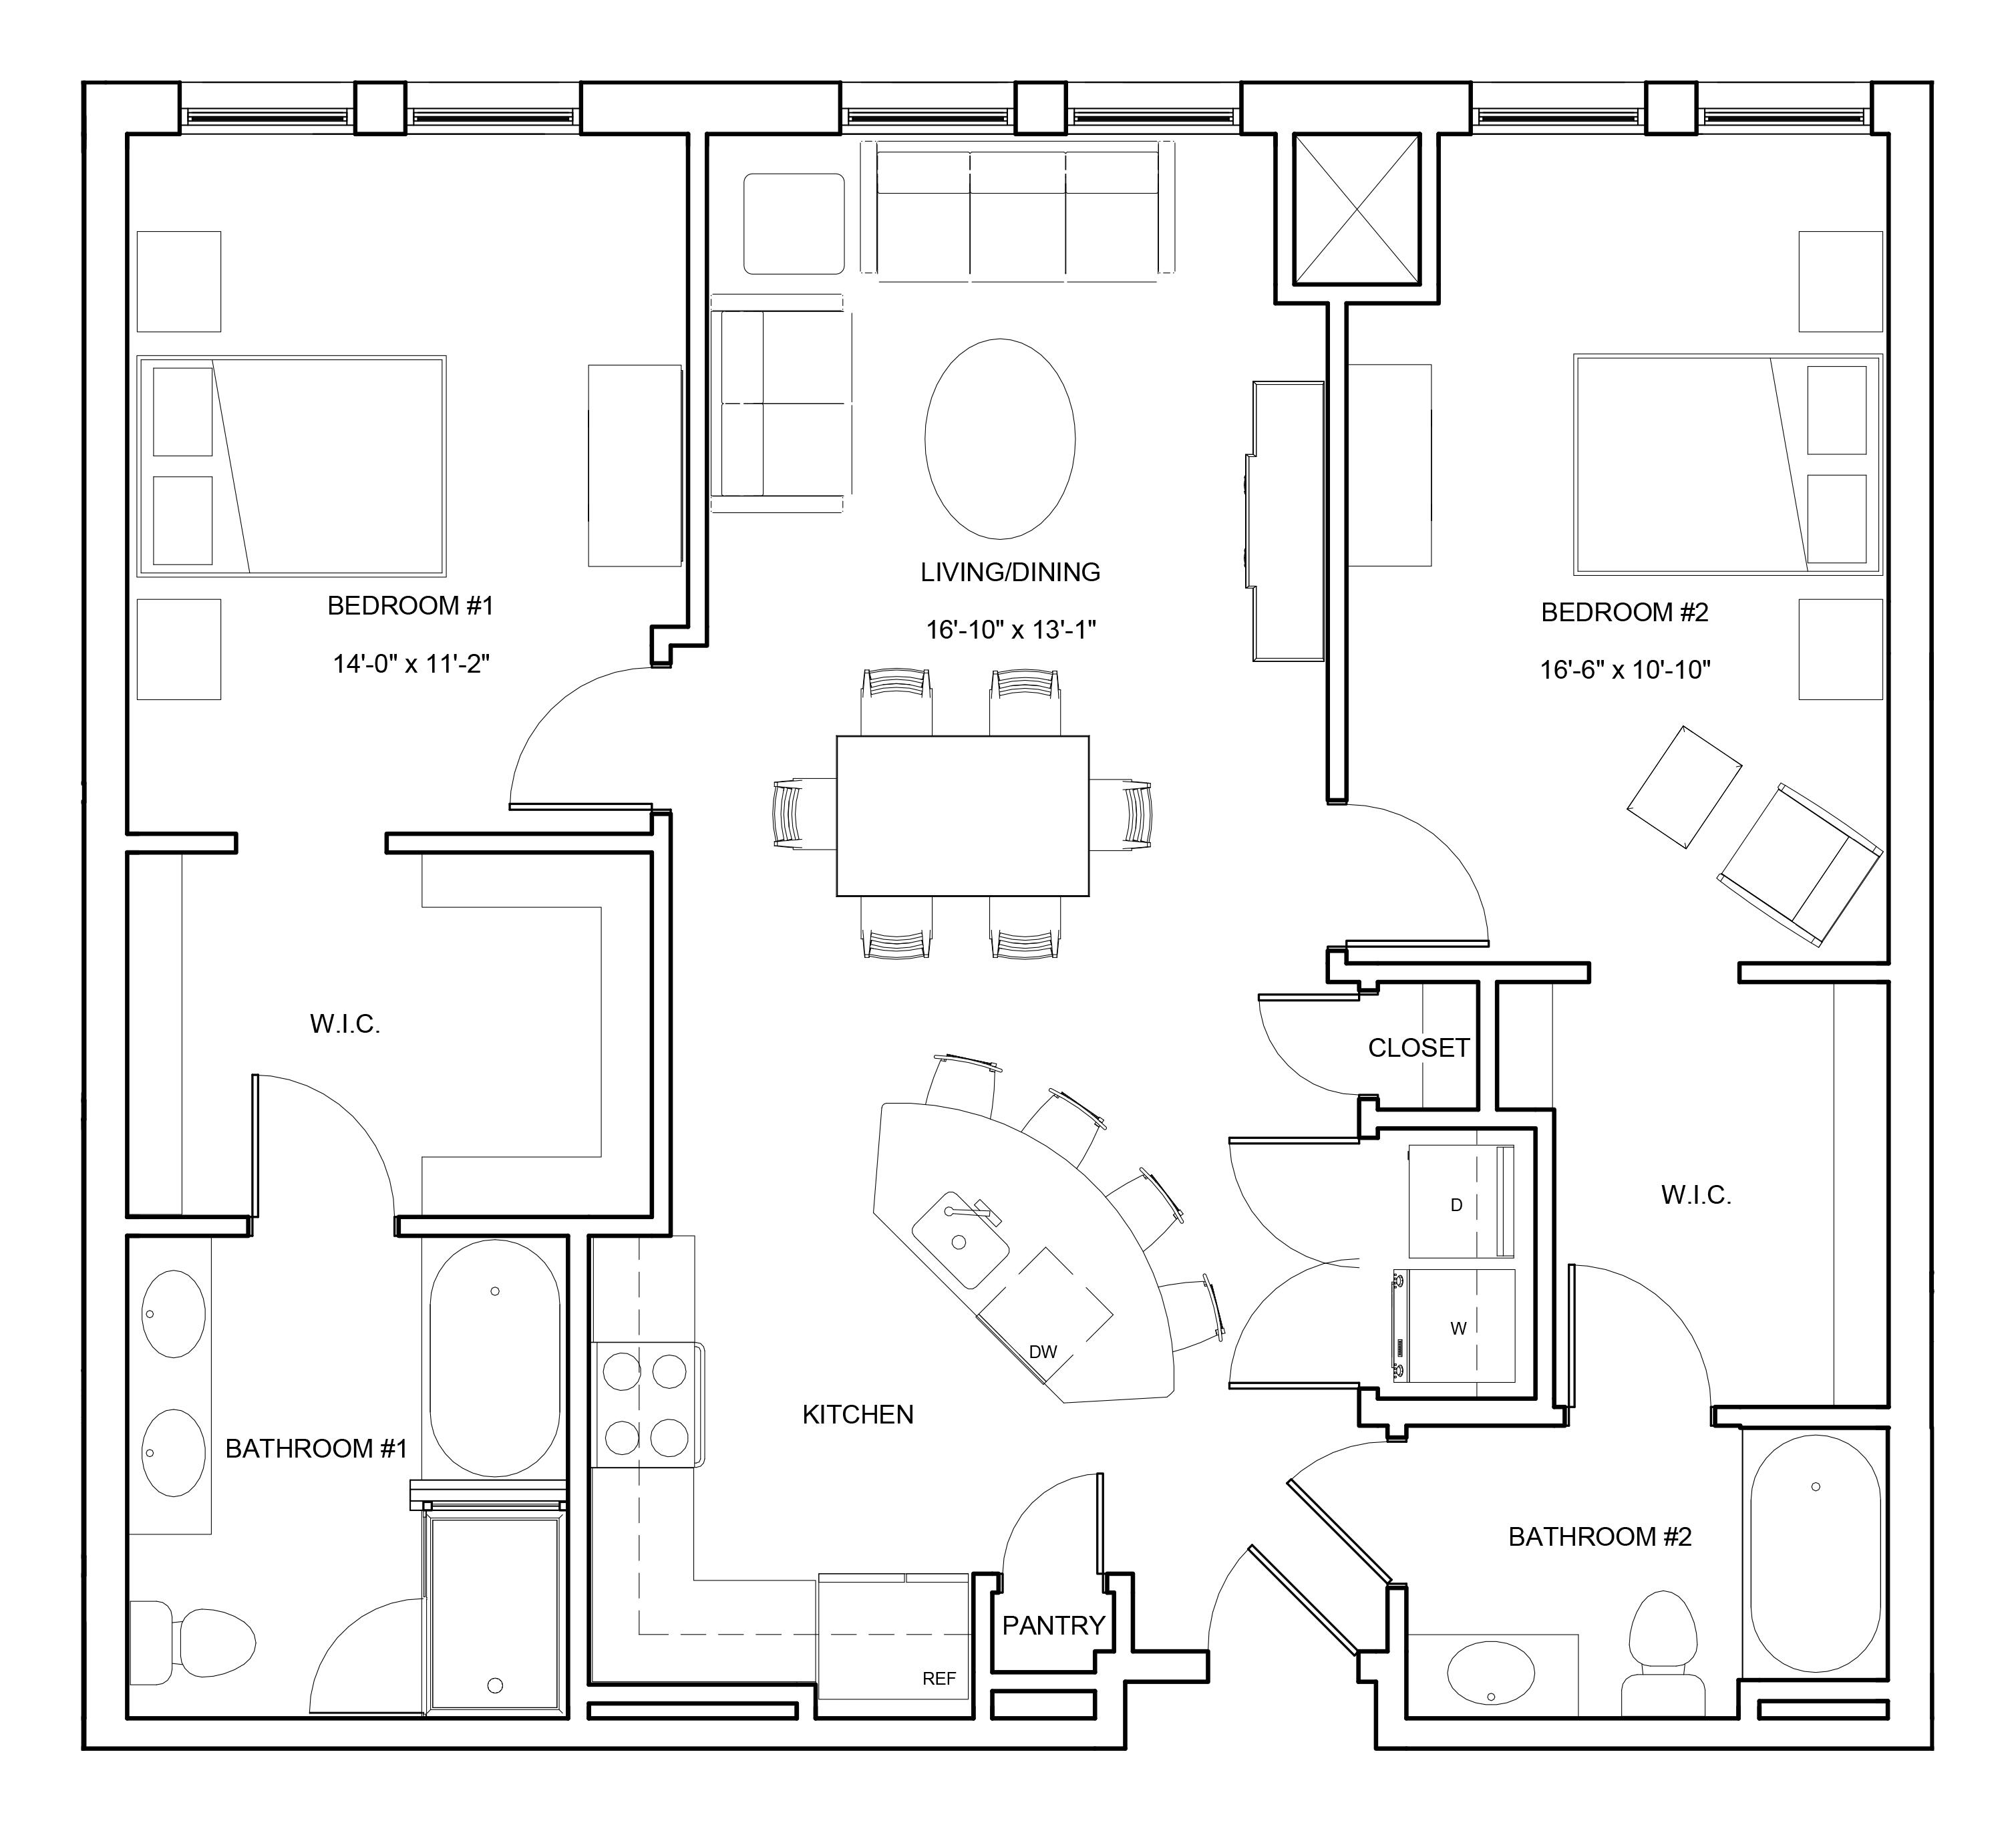 P0663804 b2 2 floorplan